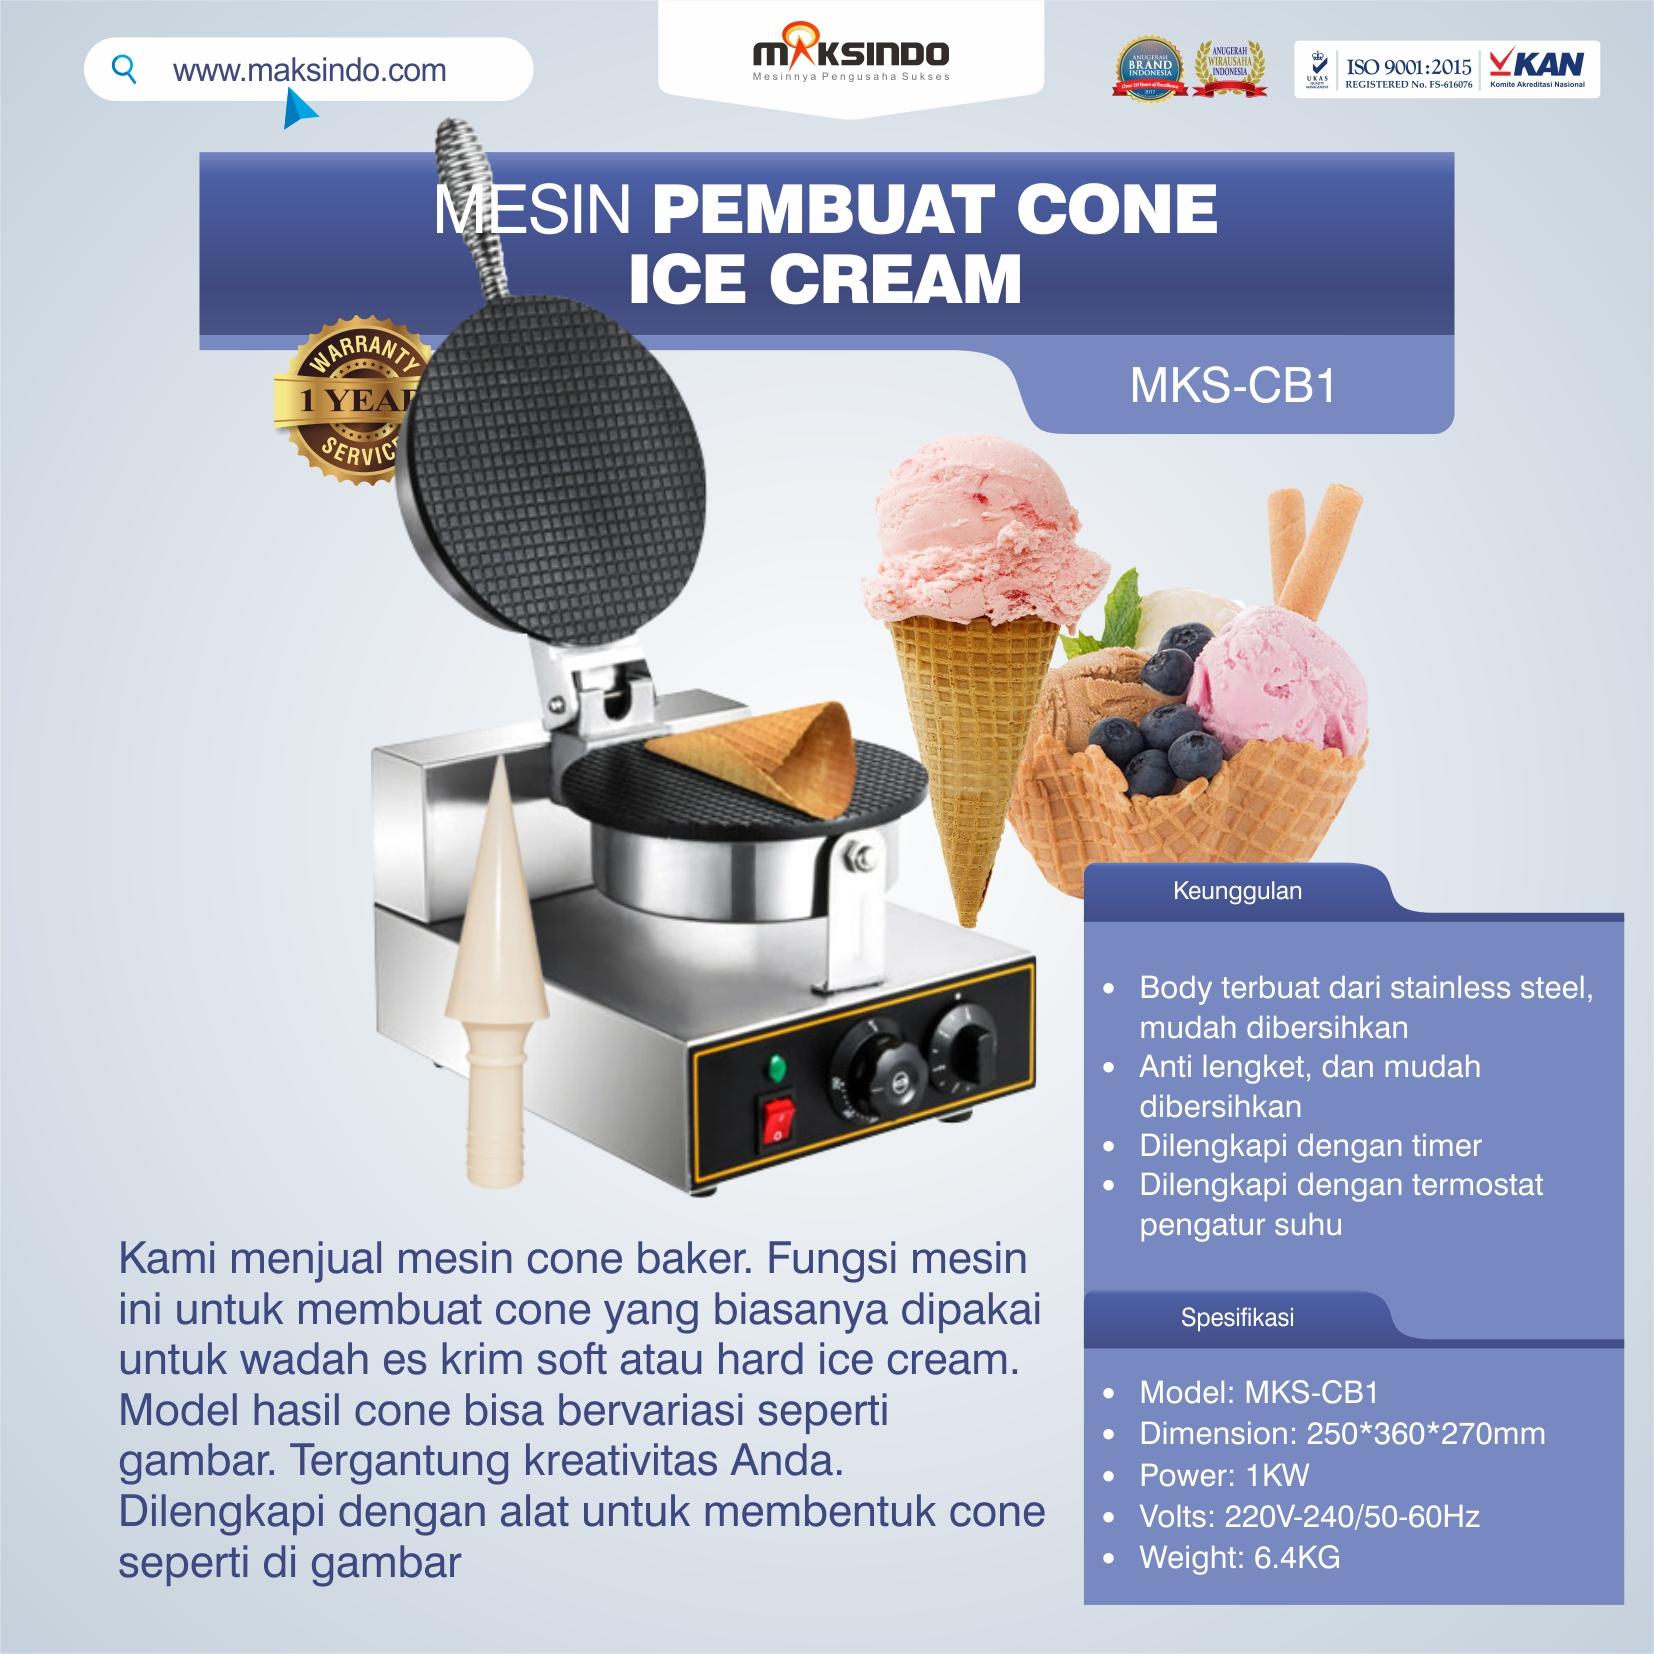 Jual Mesin Pembuat Cone (Cone Baker) Untuk Es Krim di Semarang